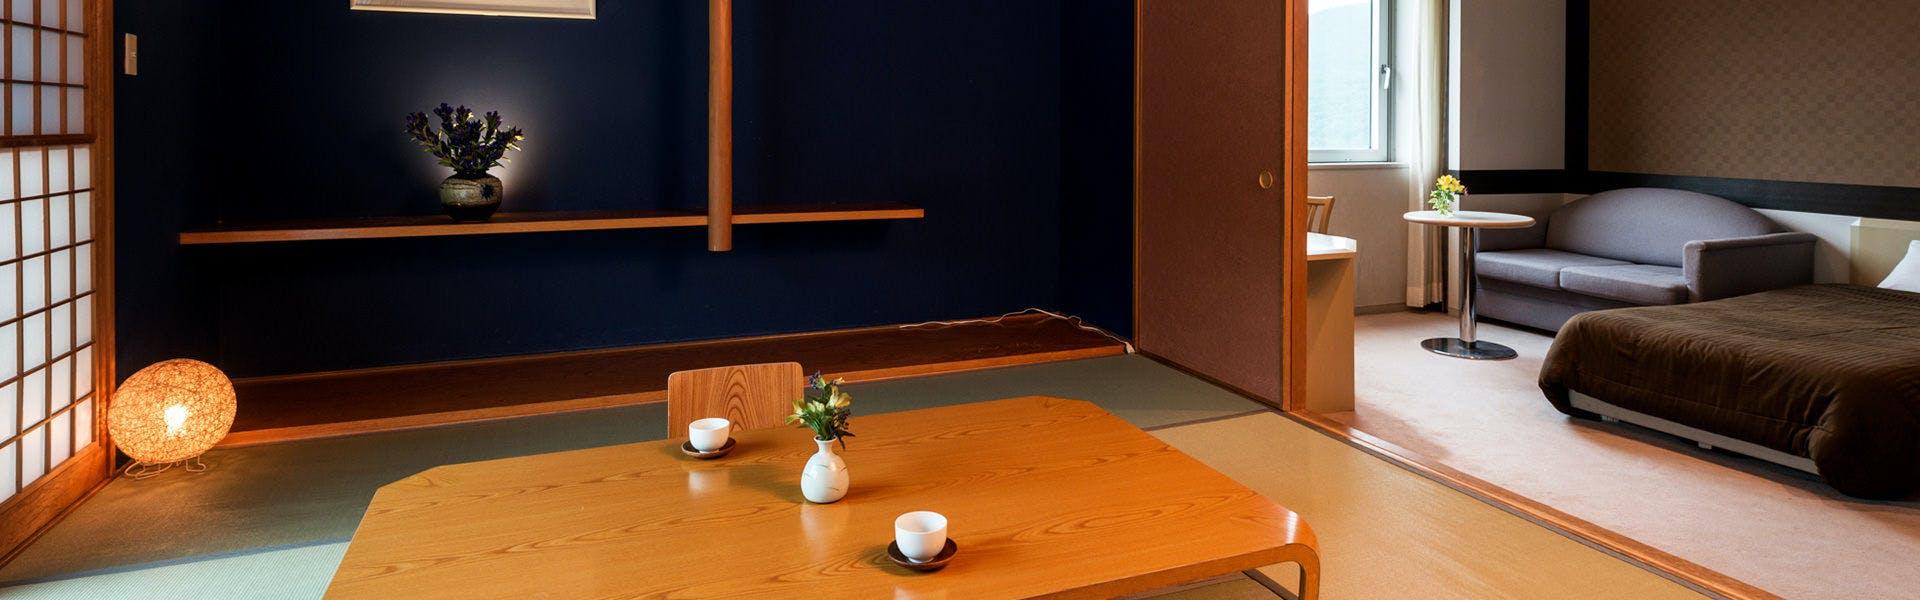 記念日におすすめのホテル・たかみや 瑠璃倶楽リゾートの写真2